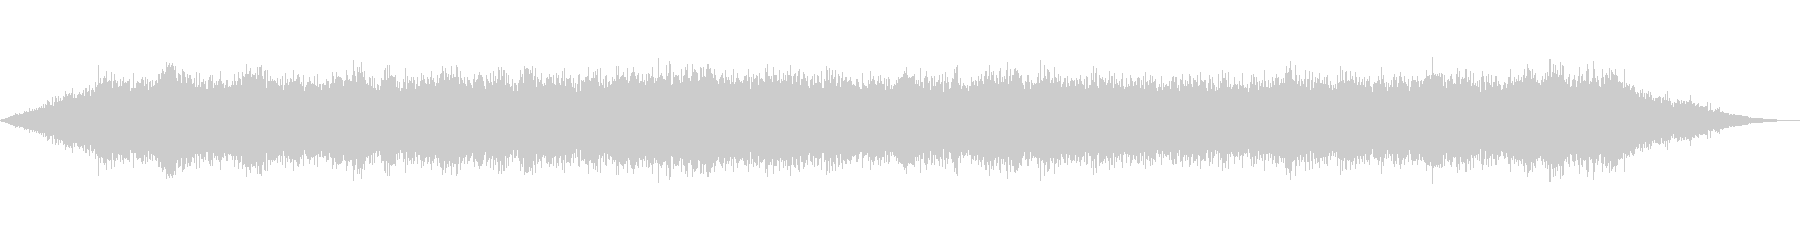 海 波 浜辺 海岸 カモメの環境音 14の未再生の波形